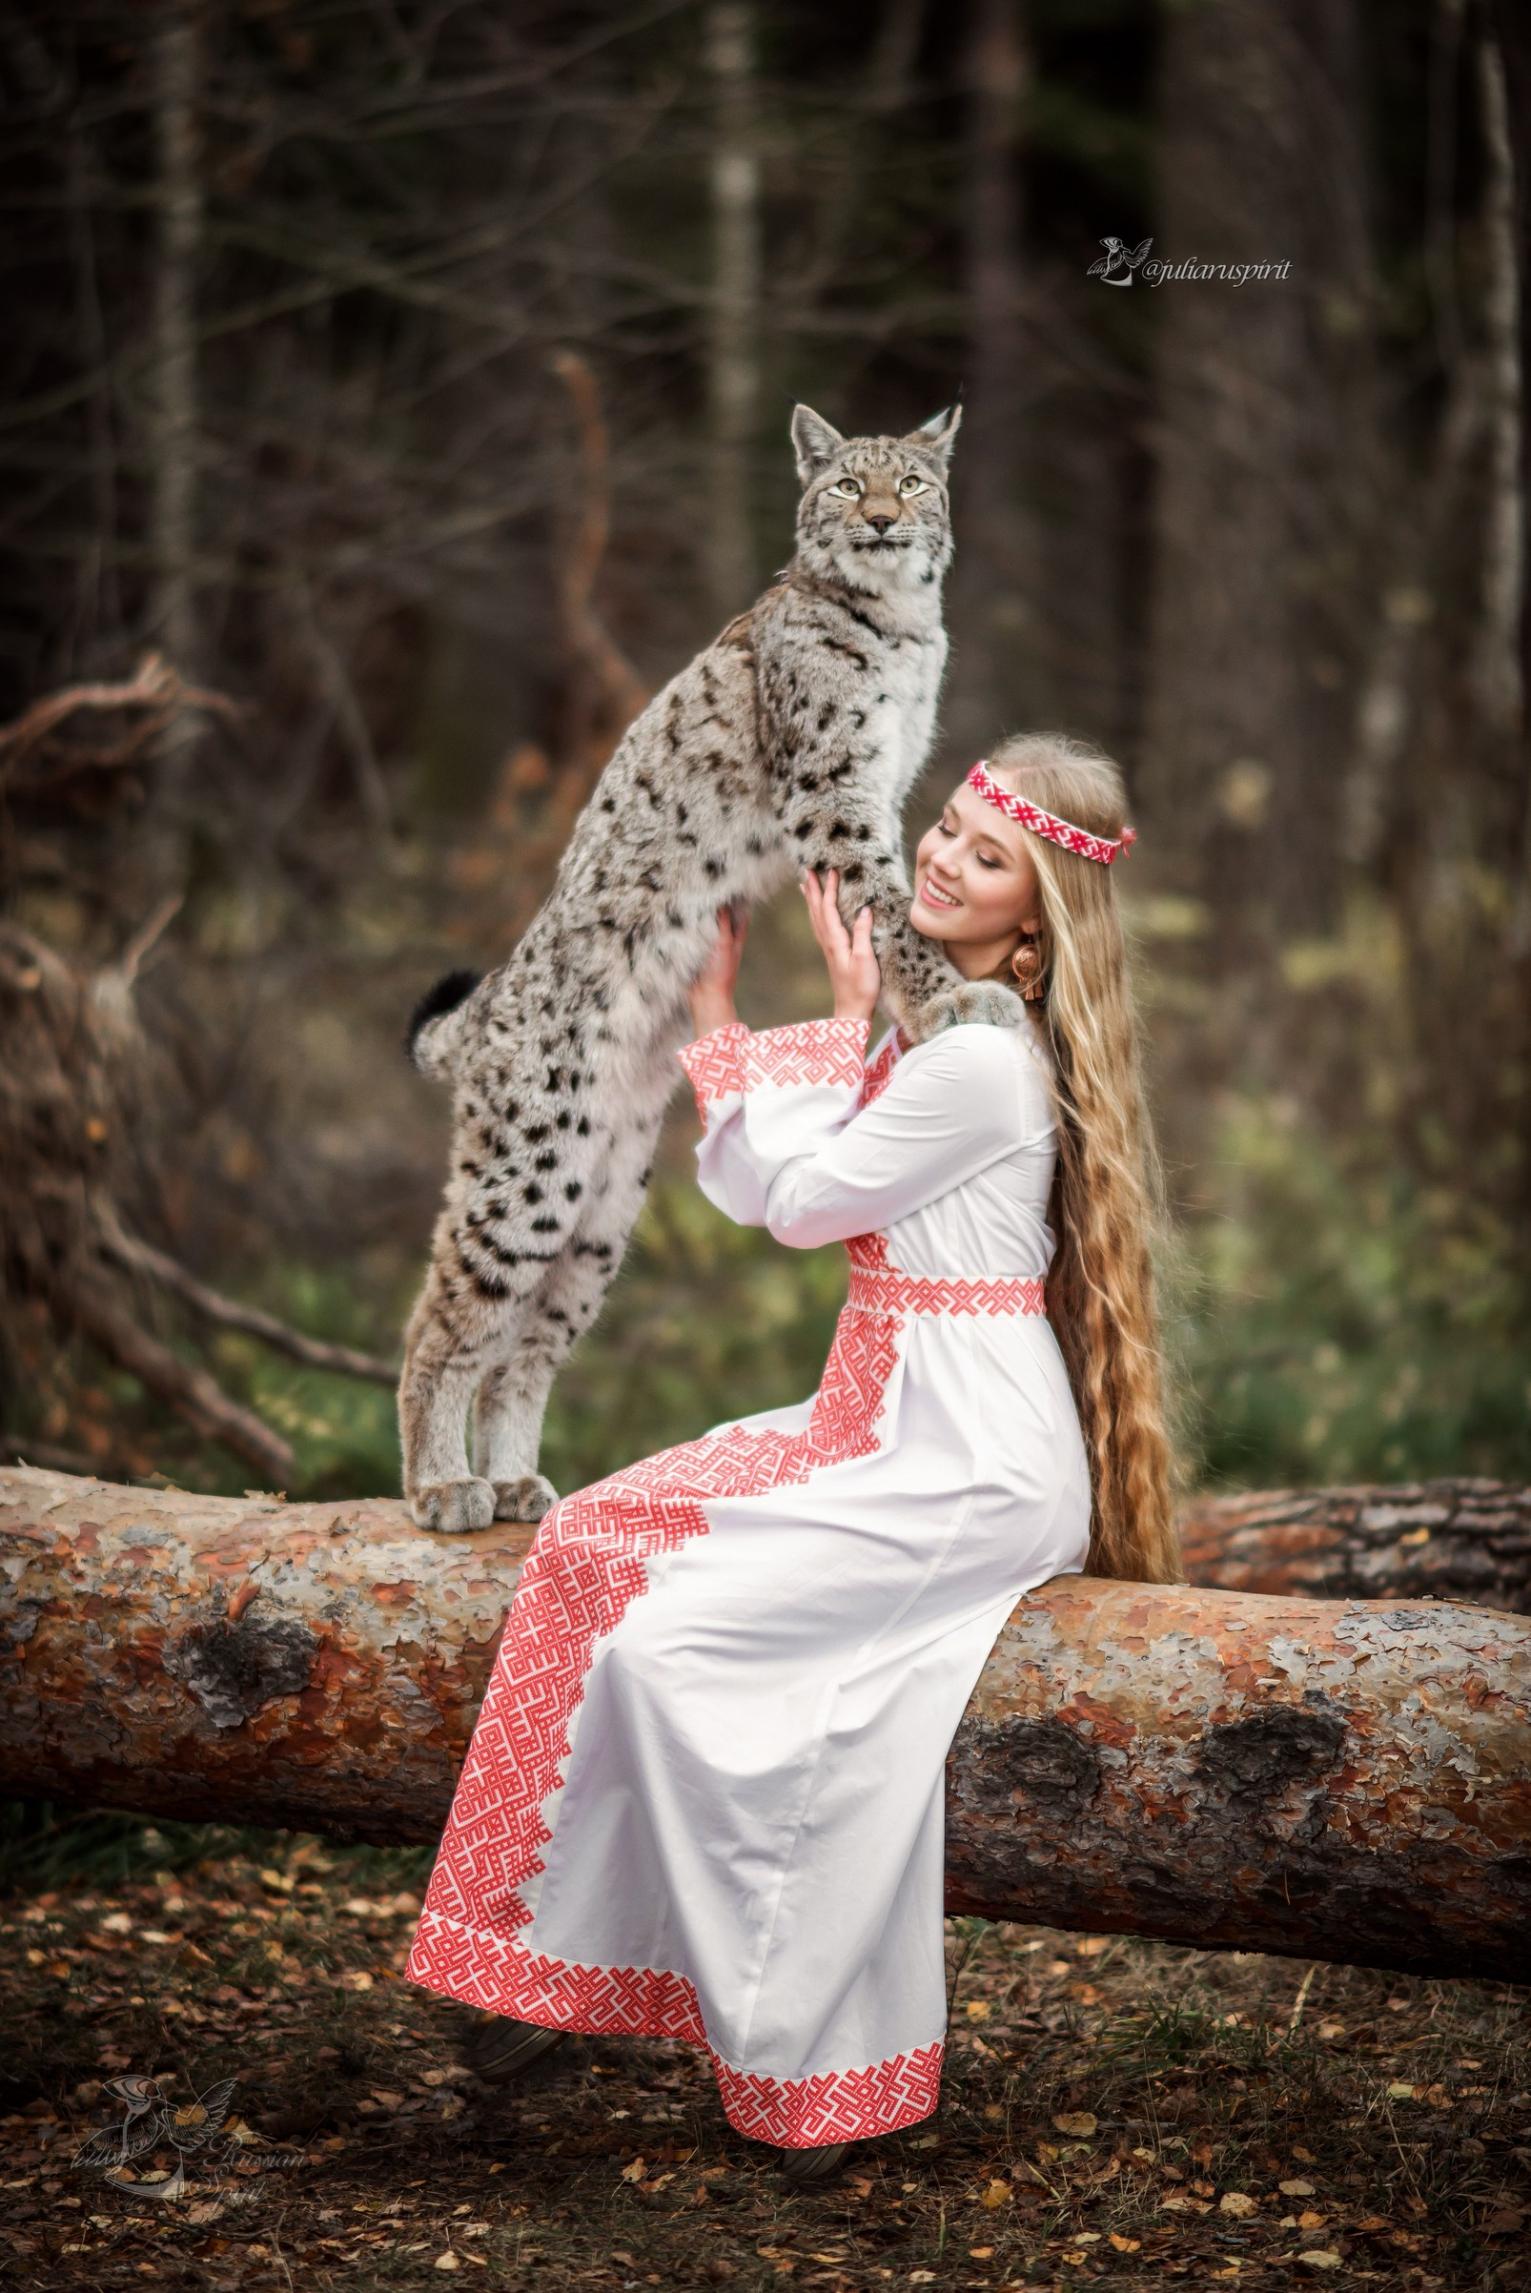 девушка в платье со славянским орнаментом гладит рысь